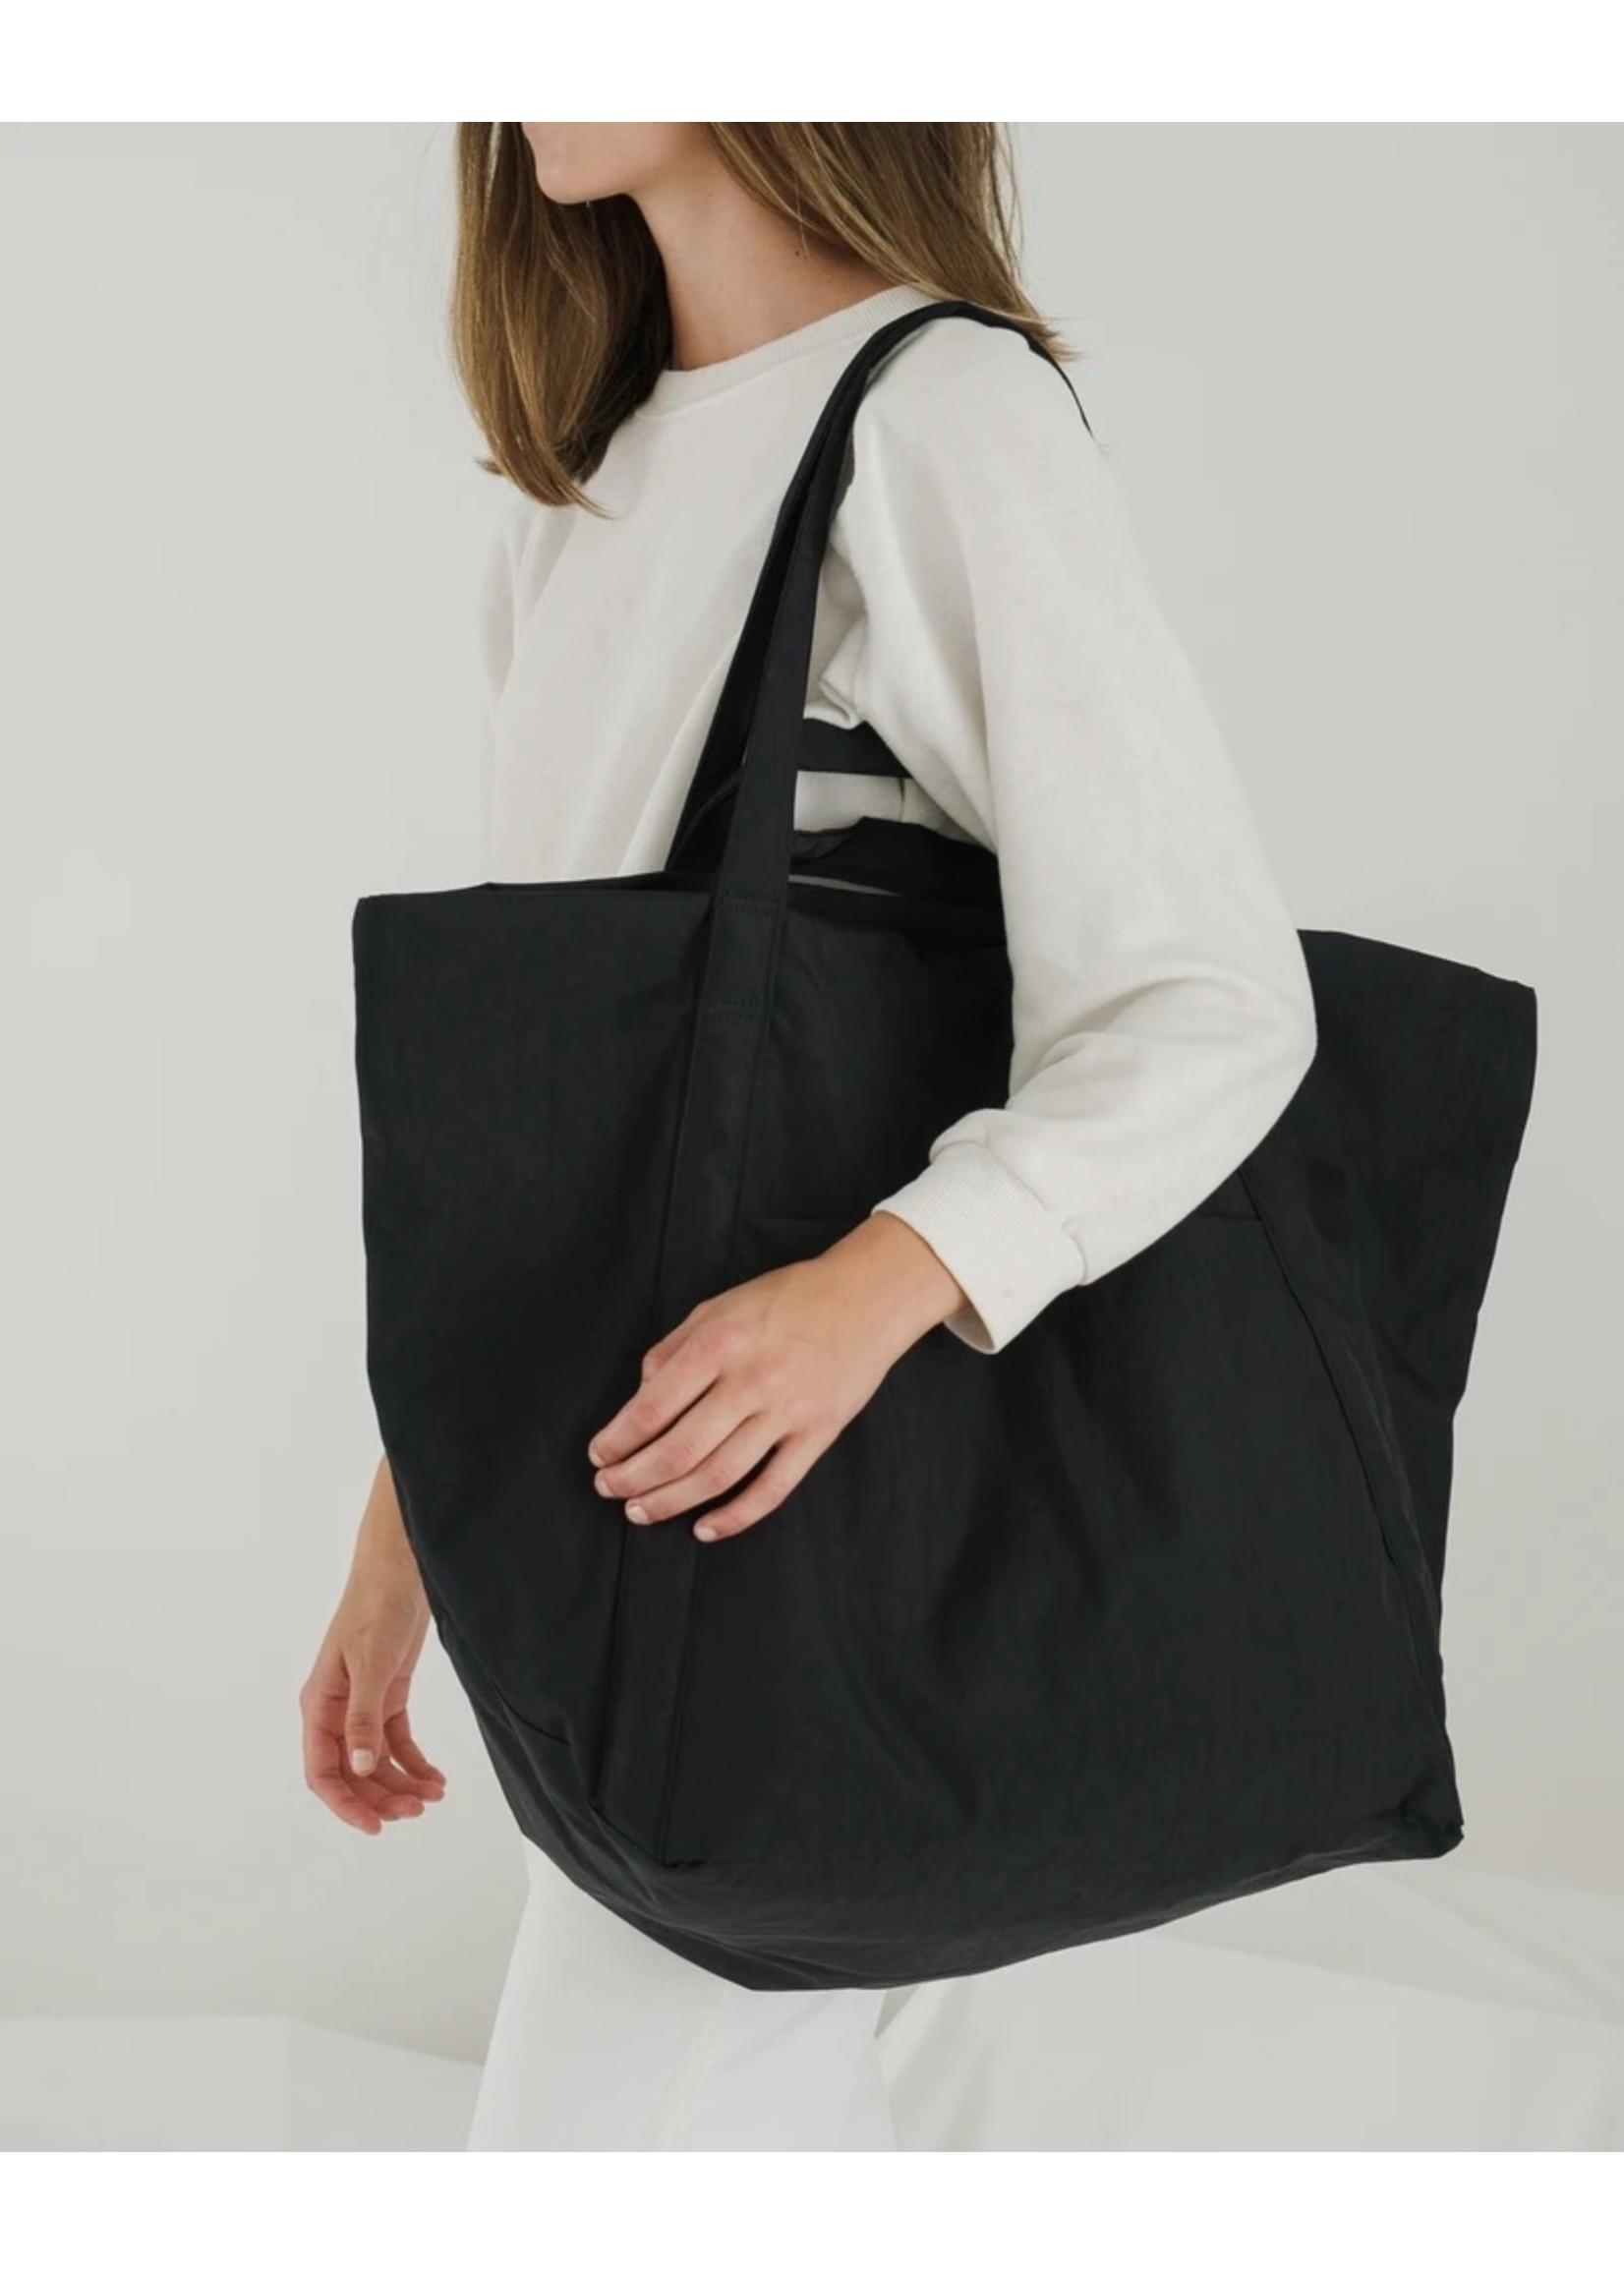 Baggu Baggu Travel Cloud Bag - Black